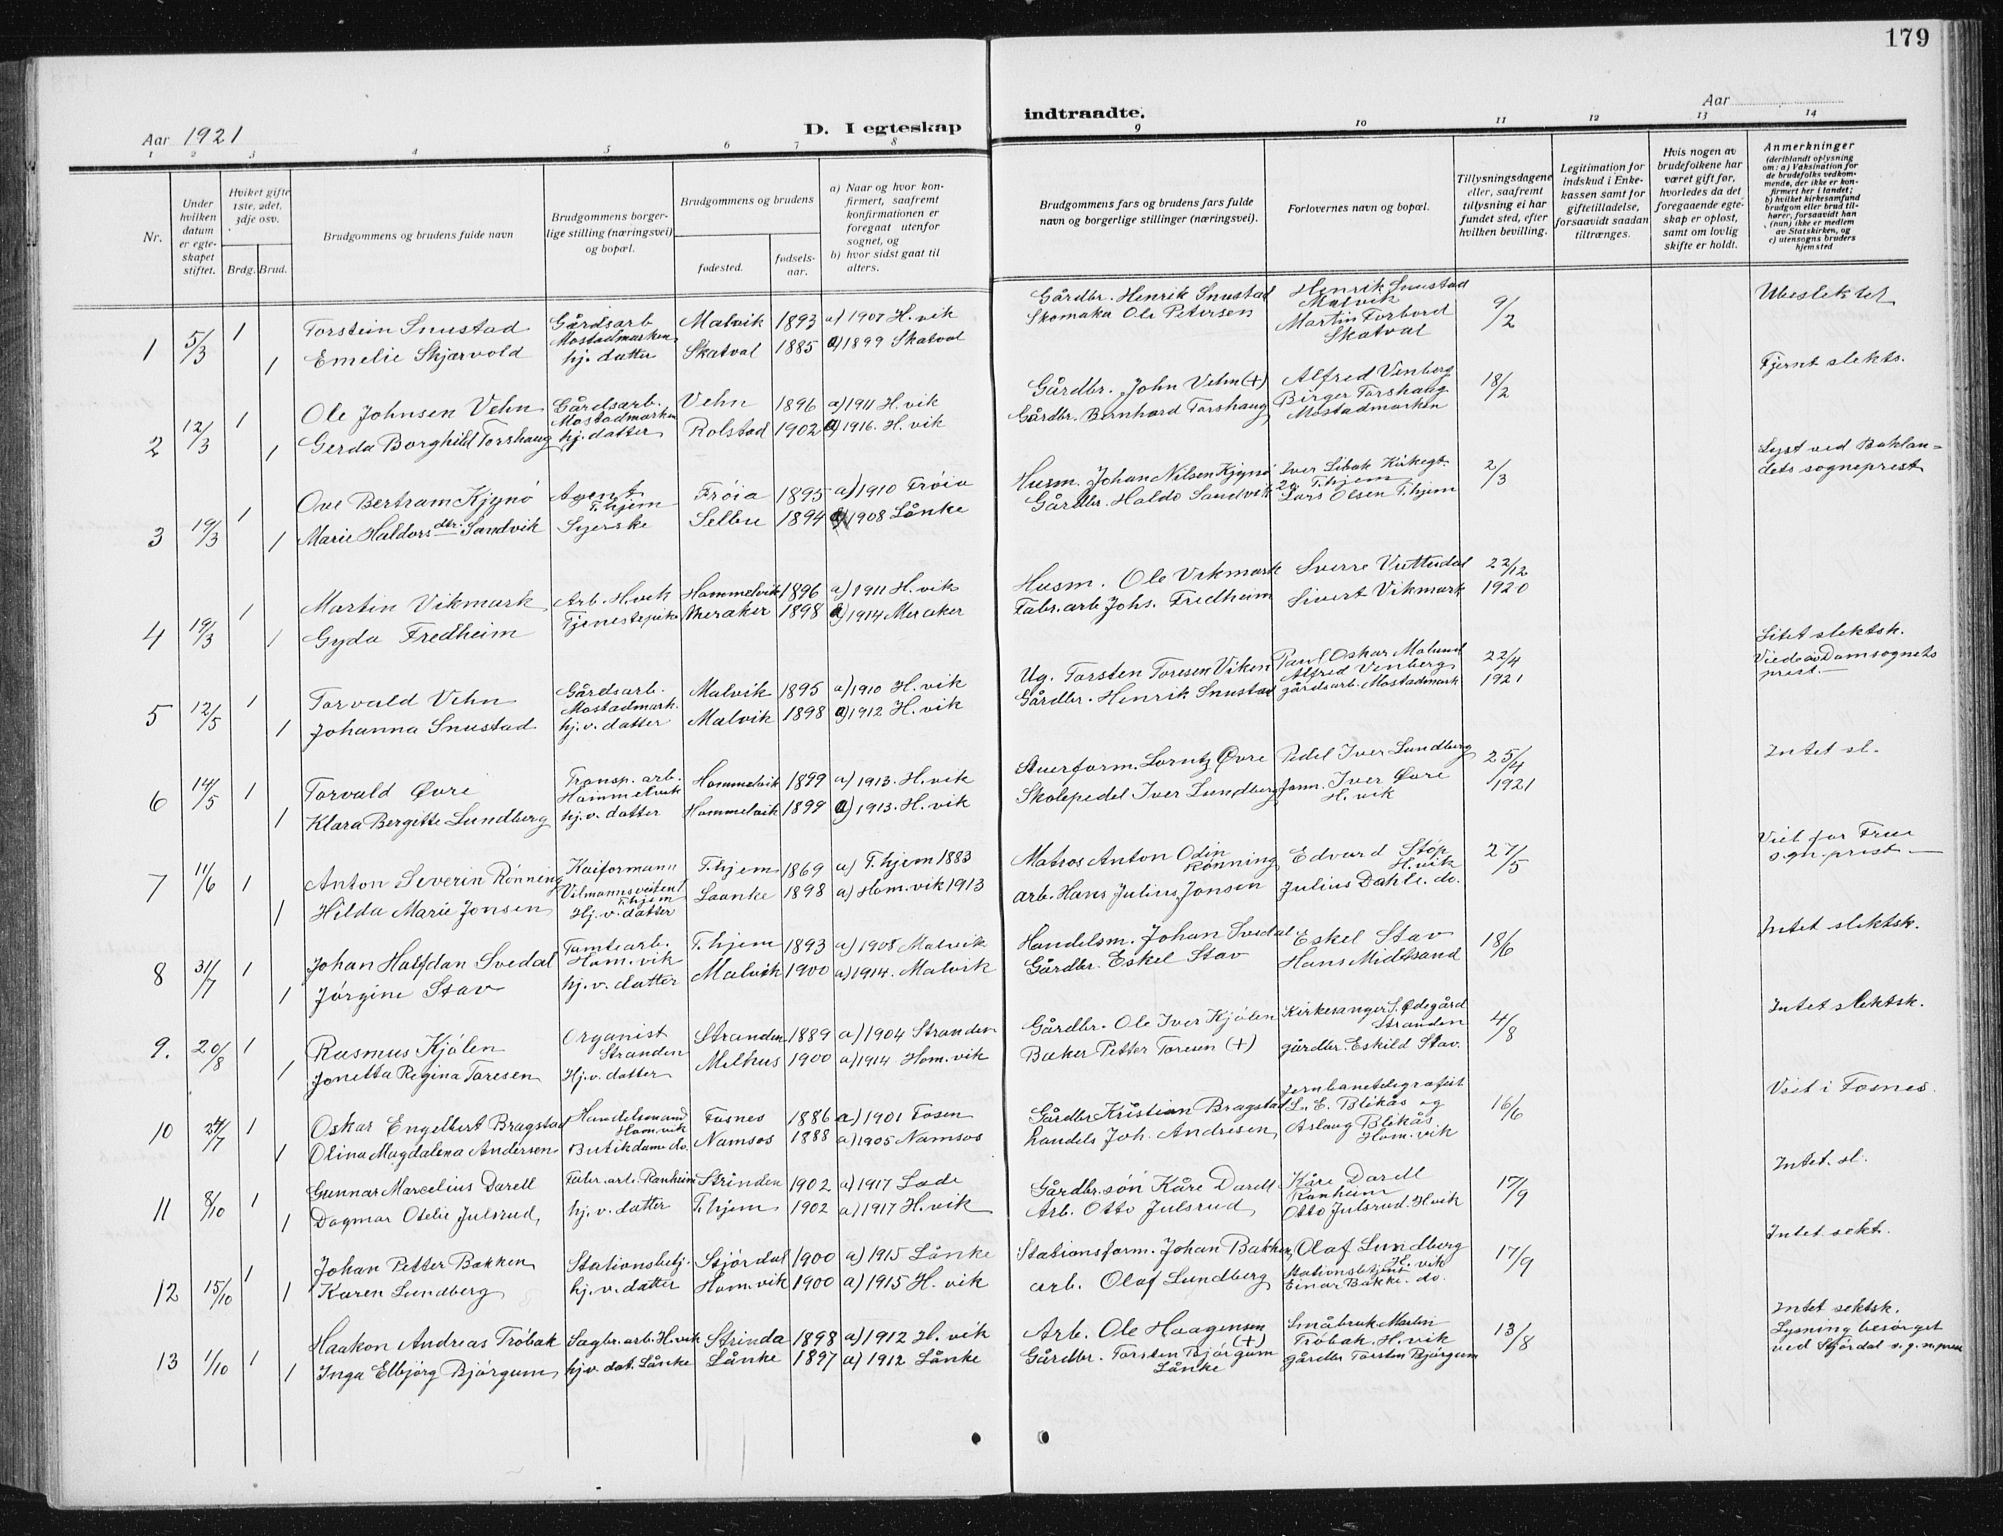 SAT, Ministerialprotokoller, klokkerbøker og fødselsregistre - Sør-Trøndelag, 617/L0431: Klokkerbok nr. 617C02, 1910-1936, s. 179